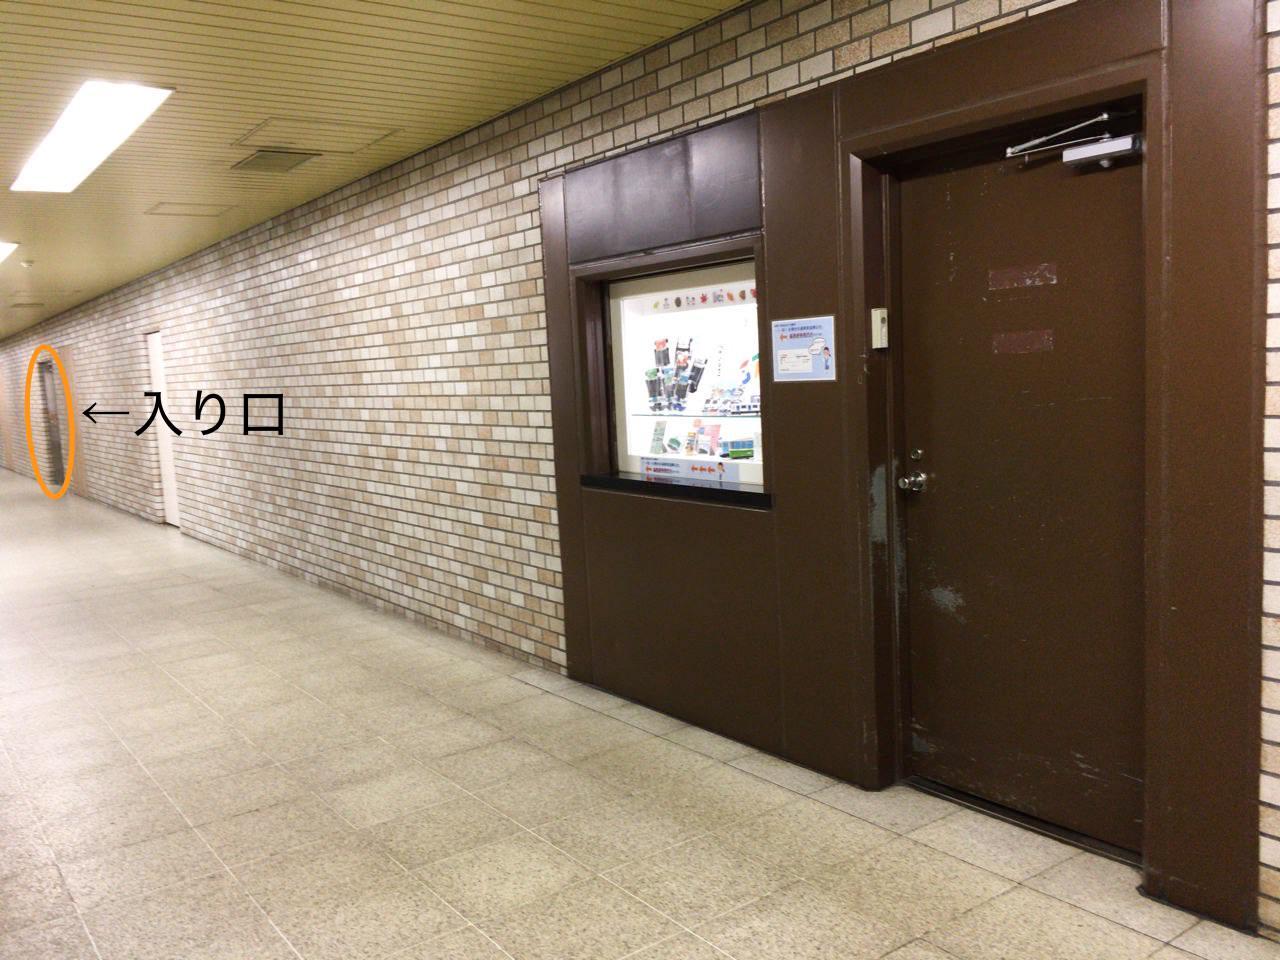 札幌市交通事業振興公社